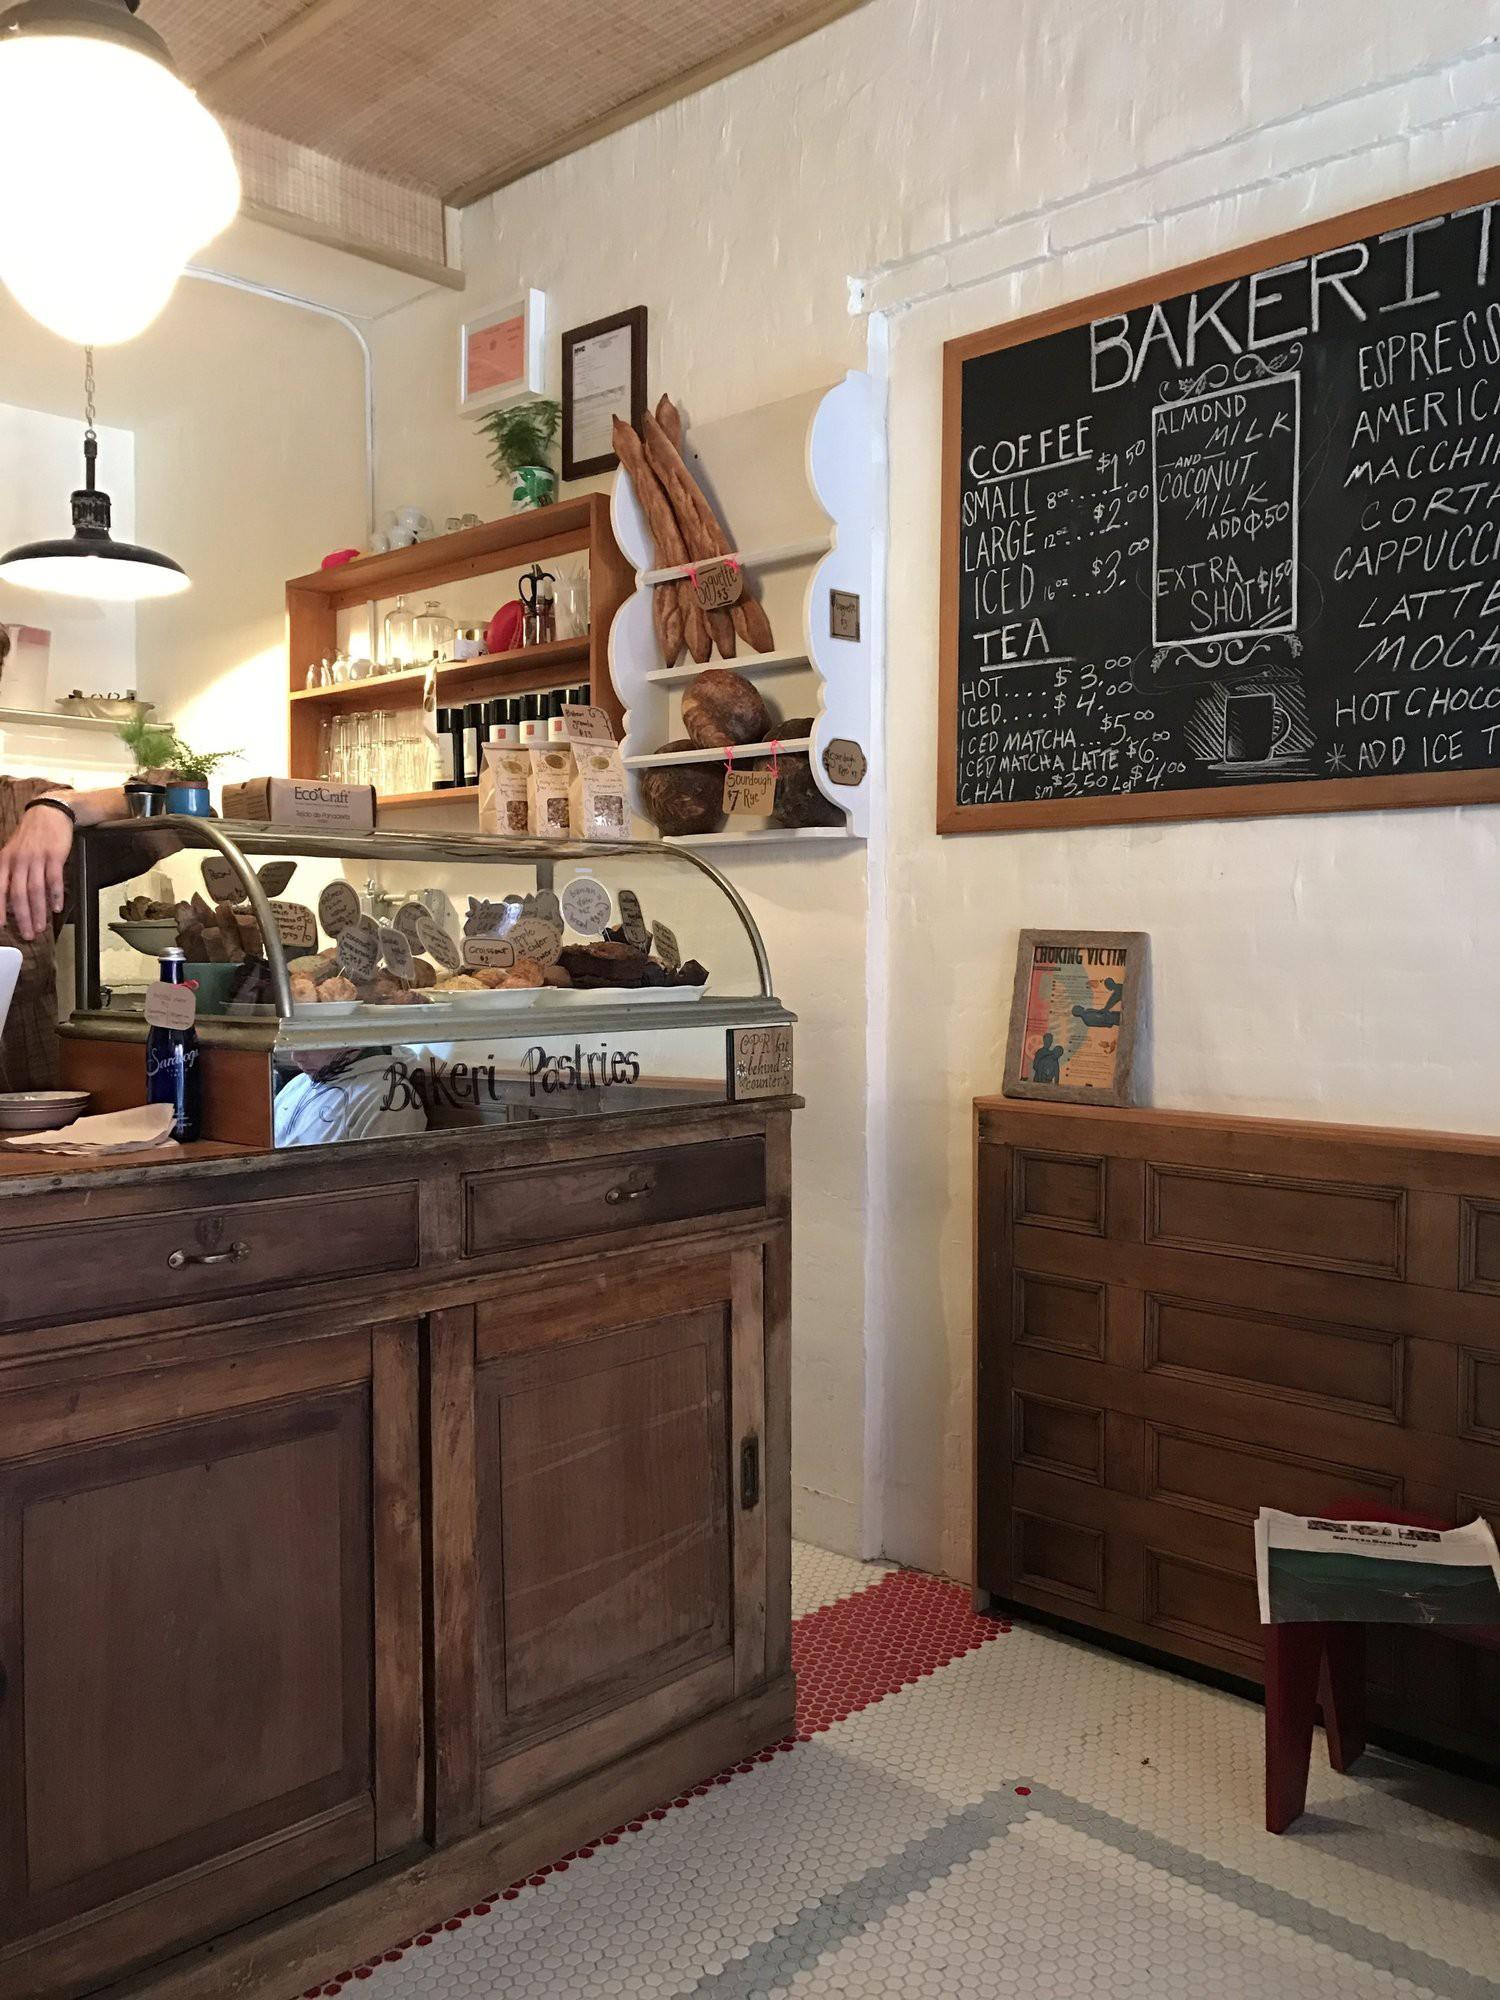 Bakerita | Courtesy of Bakerita